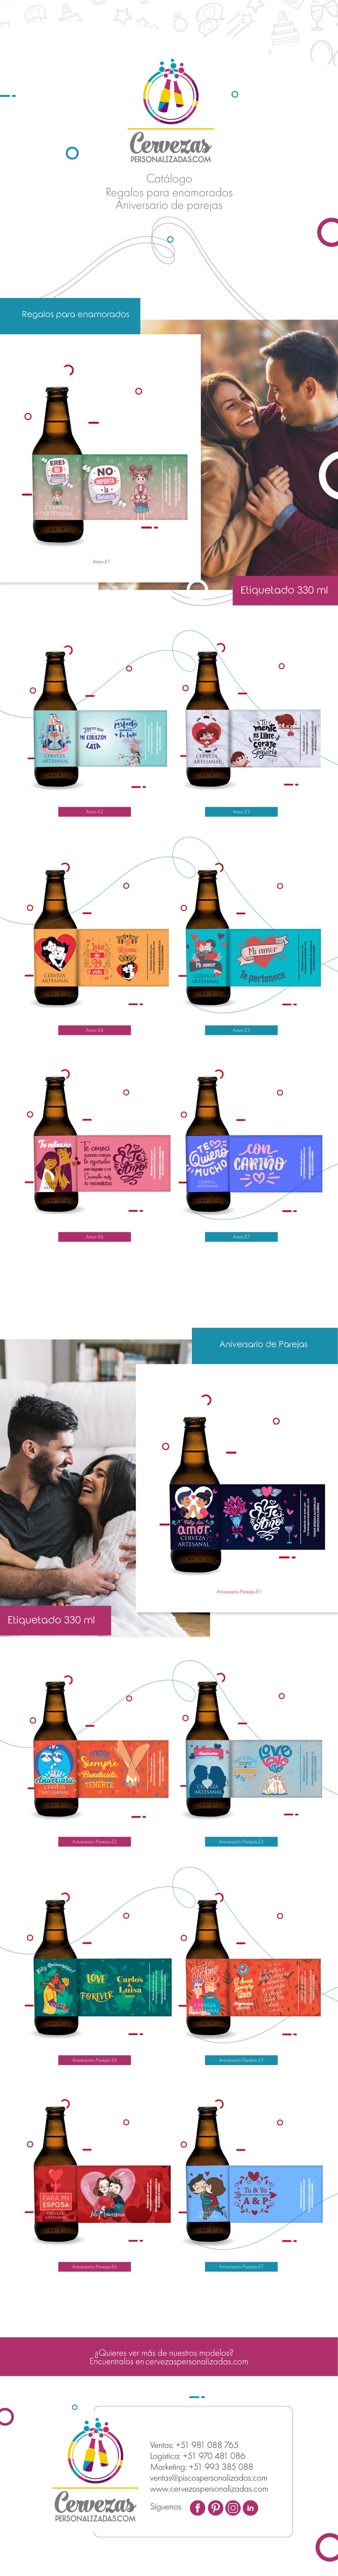 cervezas personalizadas diseños personalizados regalos regalos corporativos  regalos personalizados